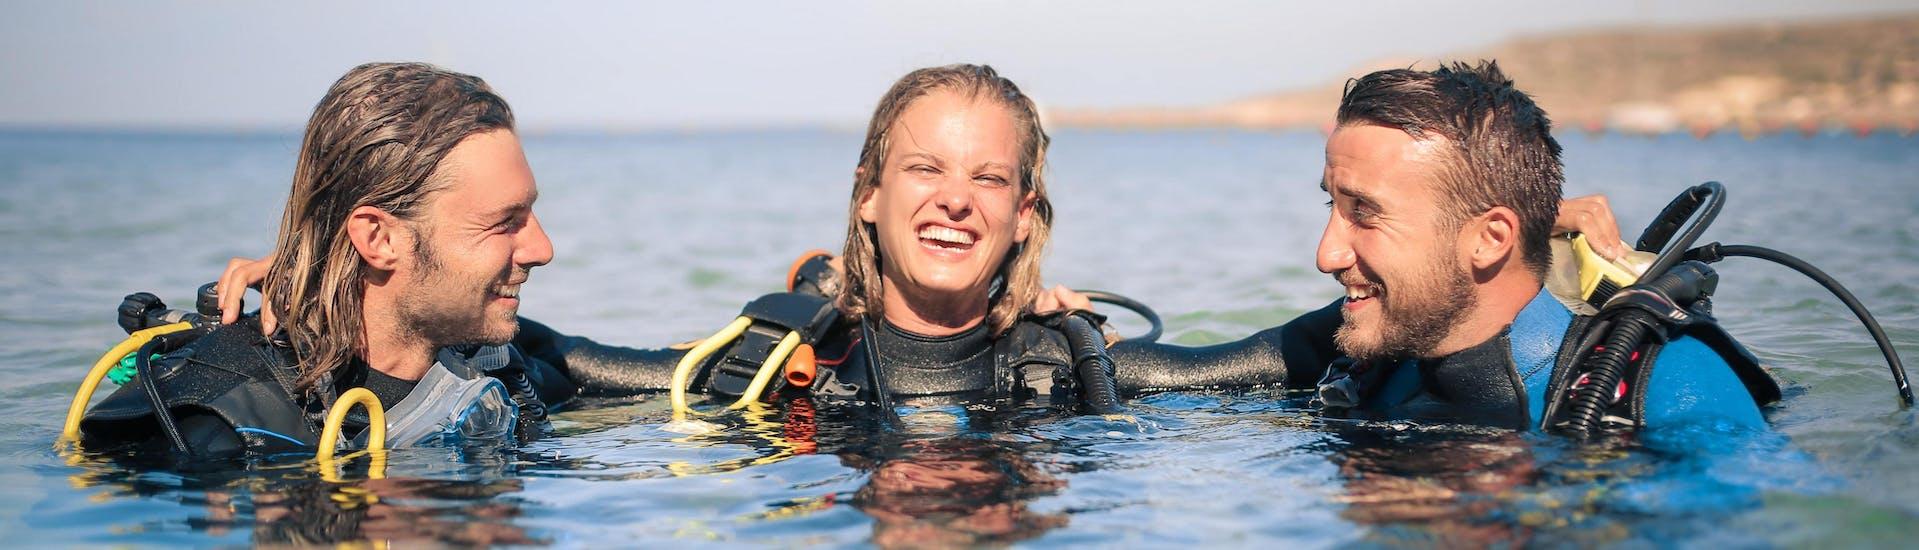 Drie duikers zijn samen in het water afgebeeld en lijken te genieten van hun duikcursus.